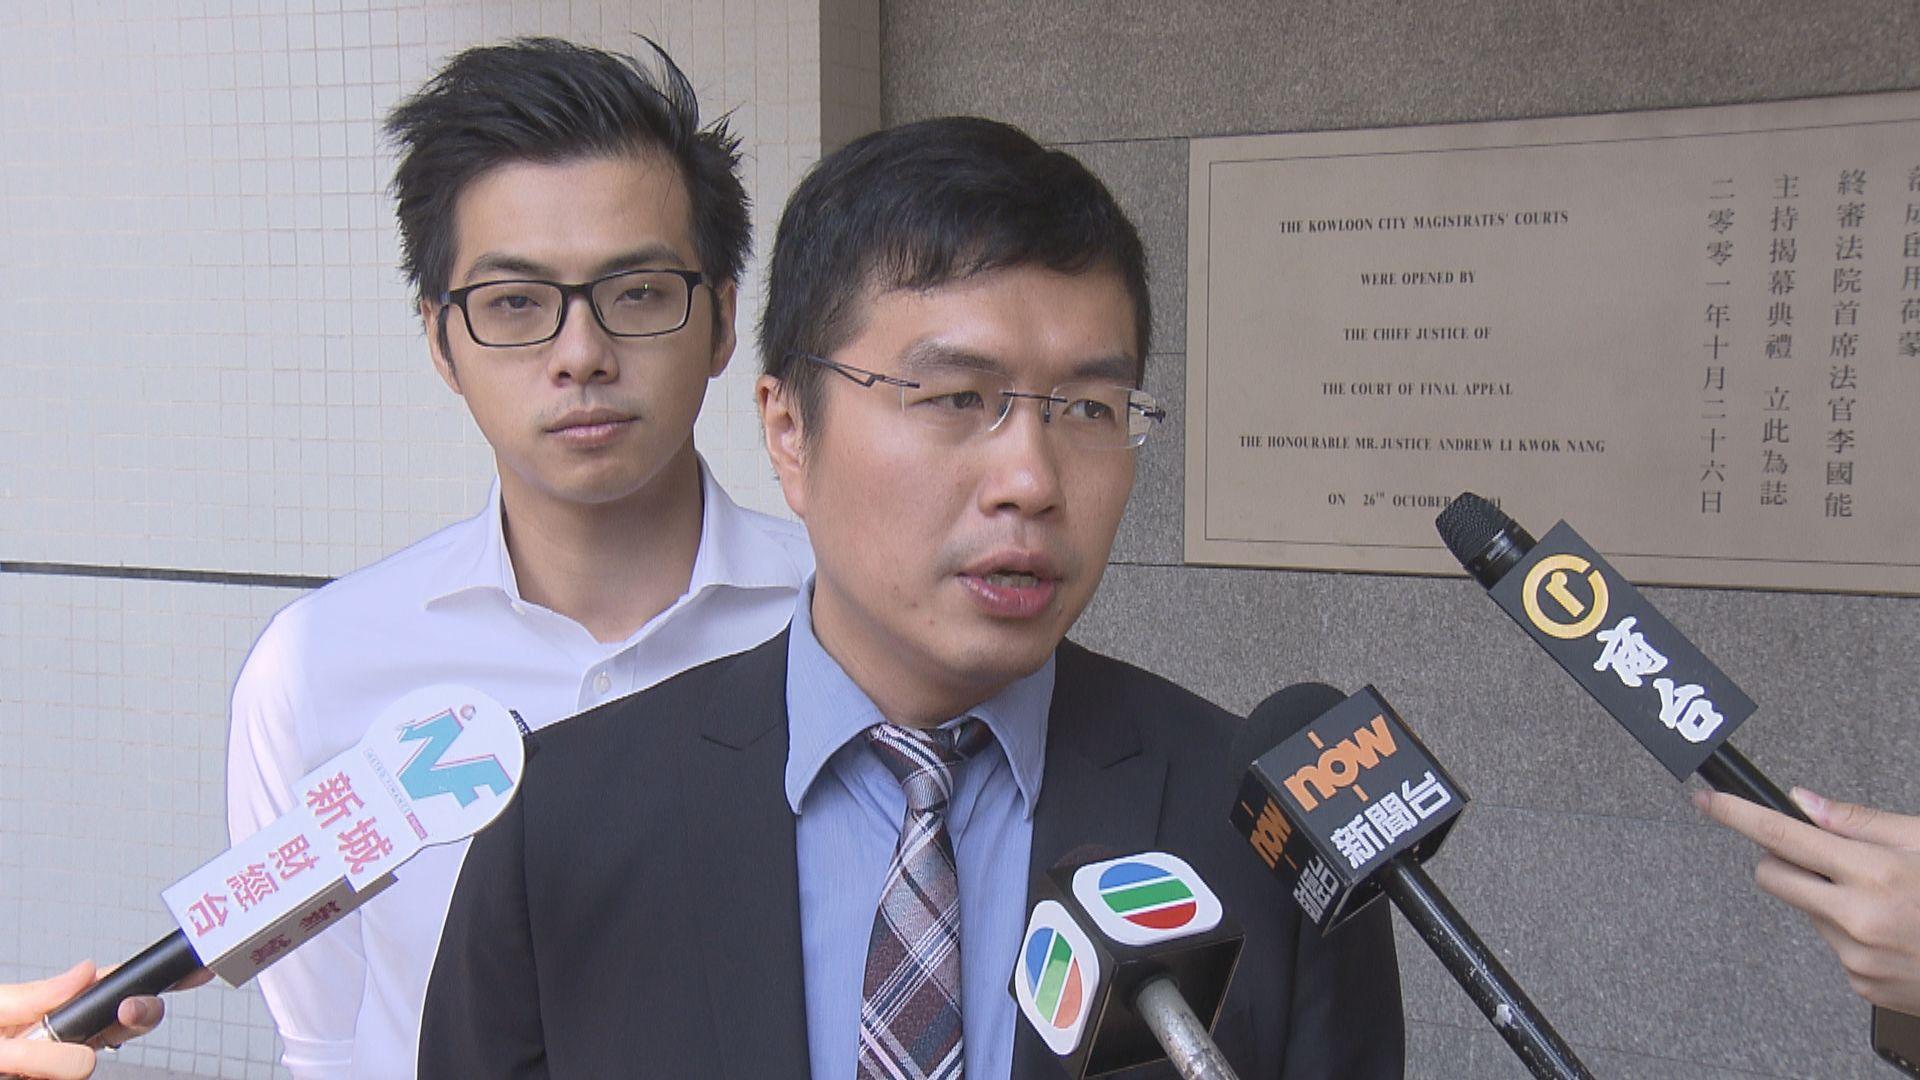 818流水式集會案 區諾軒申請保釋等候上訴被拒